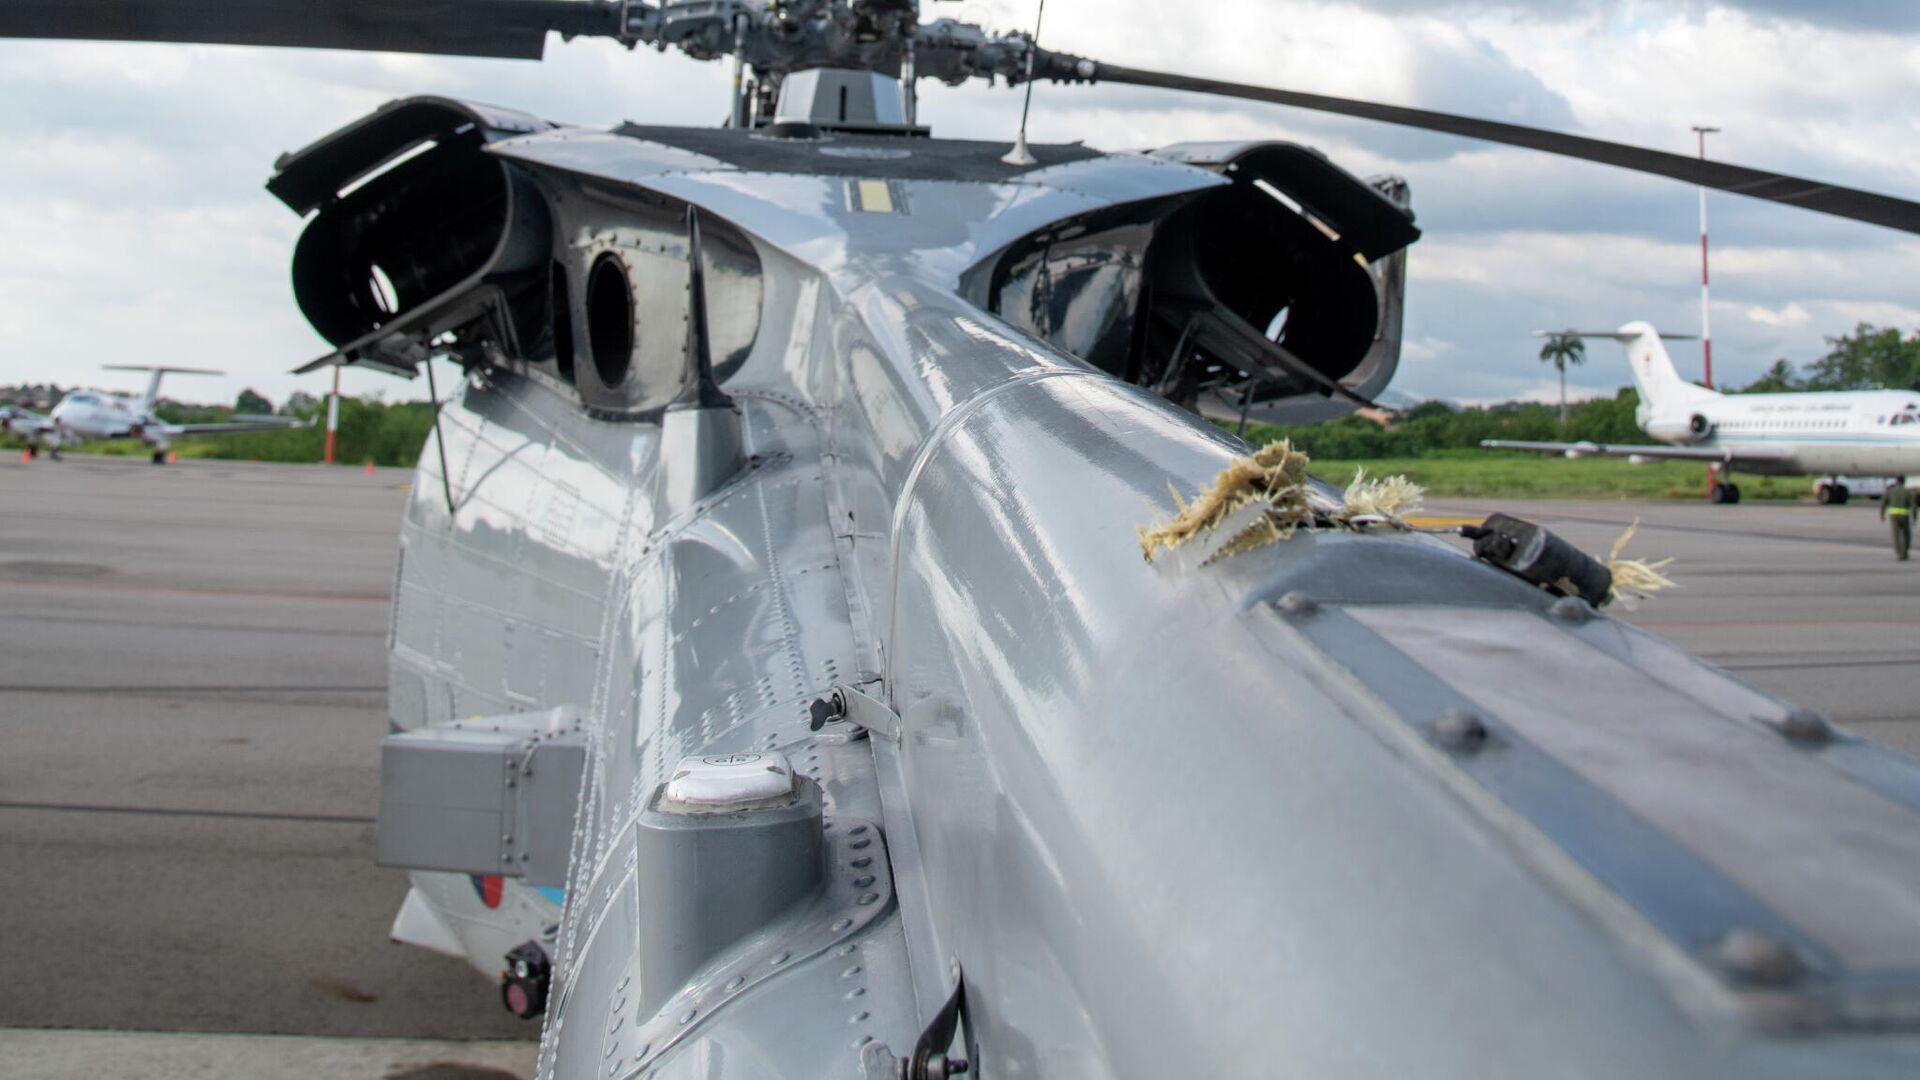 El helicóptero del presidente de Colombia, Iván Duque, tras el ataque - Sputnik Mundo, 1920, 26.06.2021